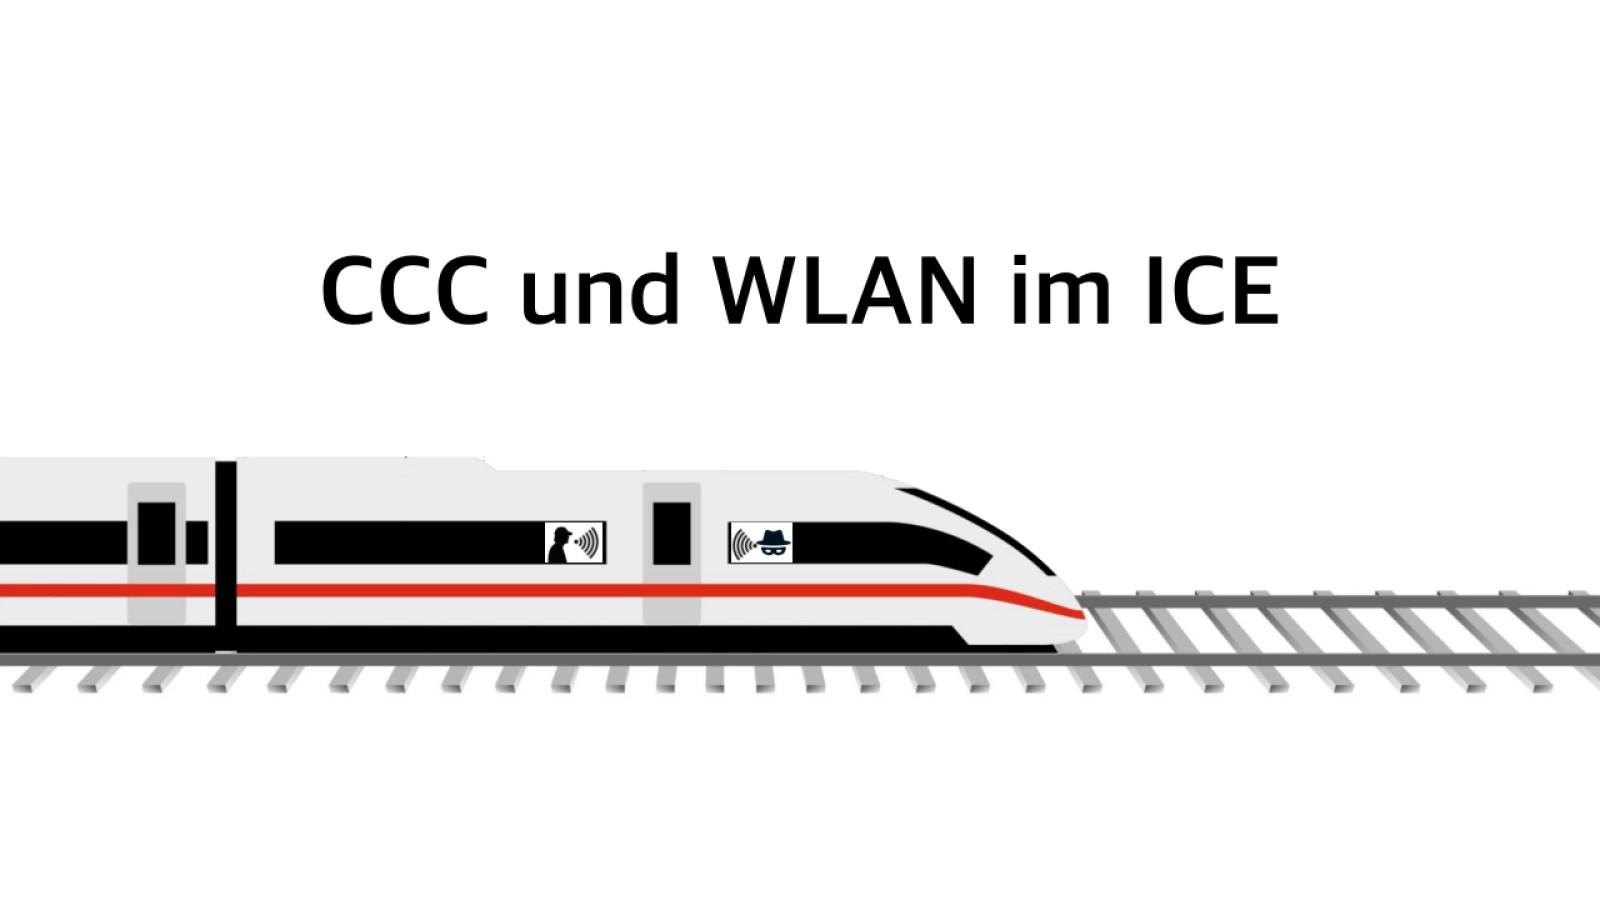 Sicherheitslucke Im Ice Wlan Deutsche Bahn Hat Mangel